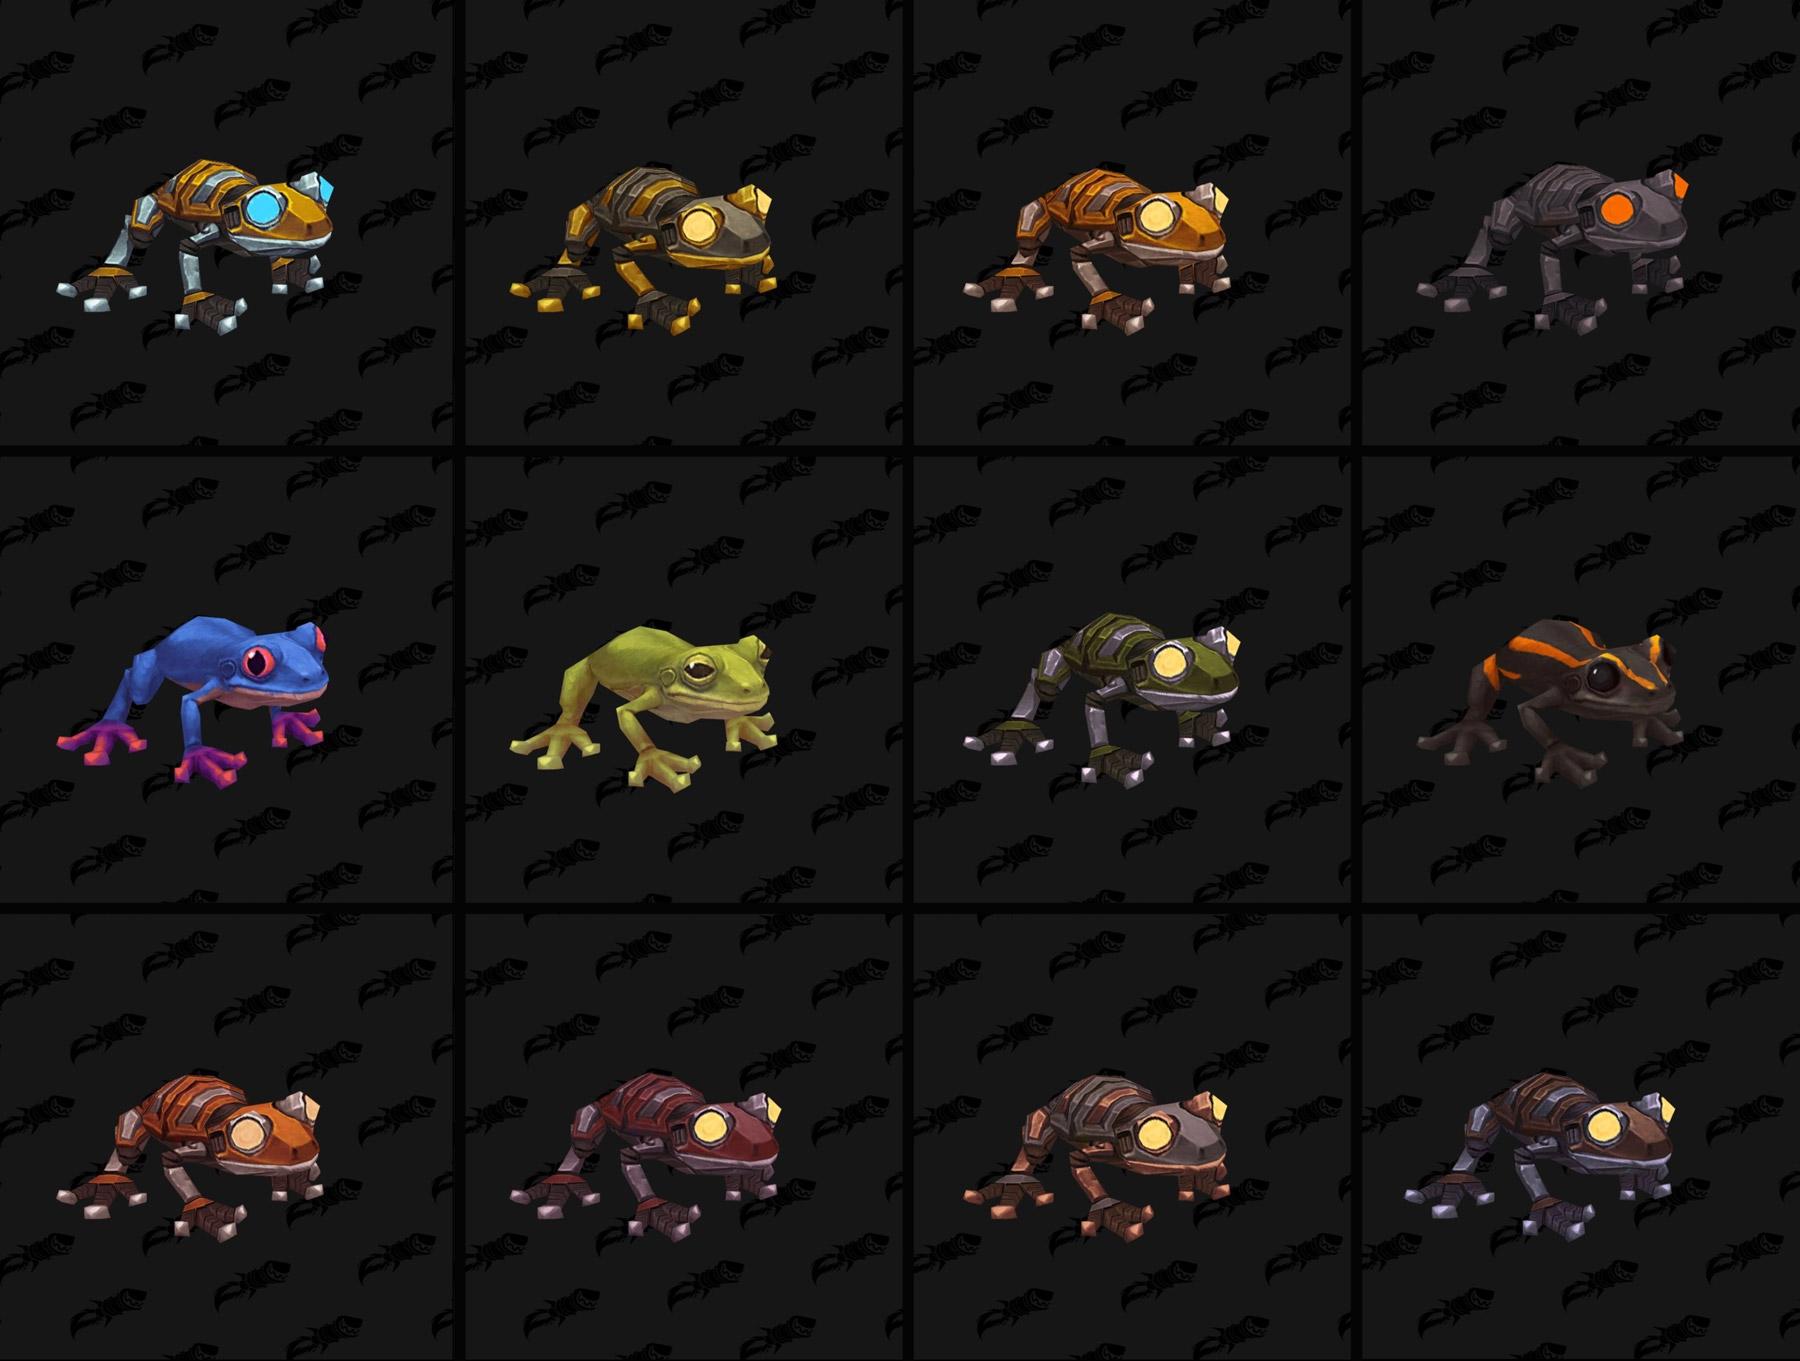 Les différents coloris des modèles de grenouilles - Battle for Azeroth